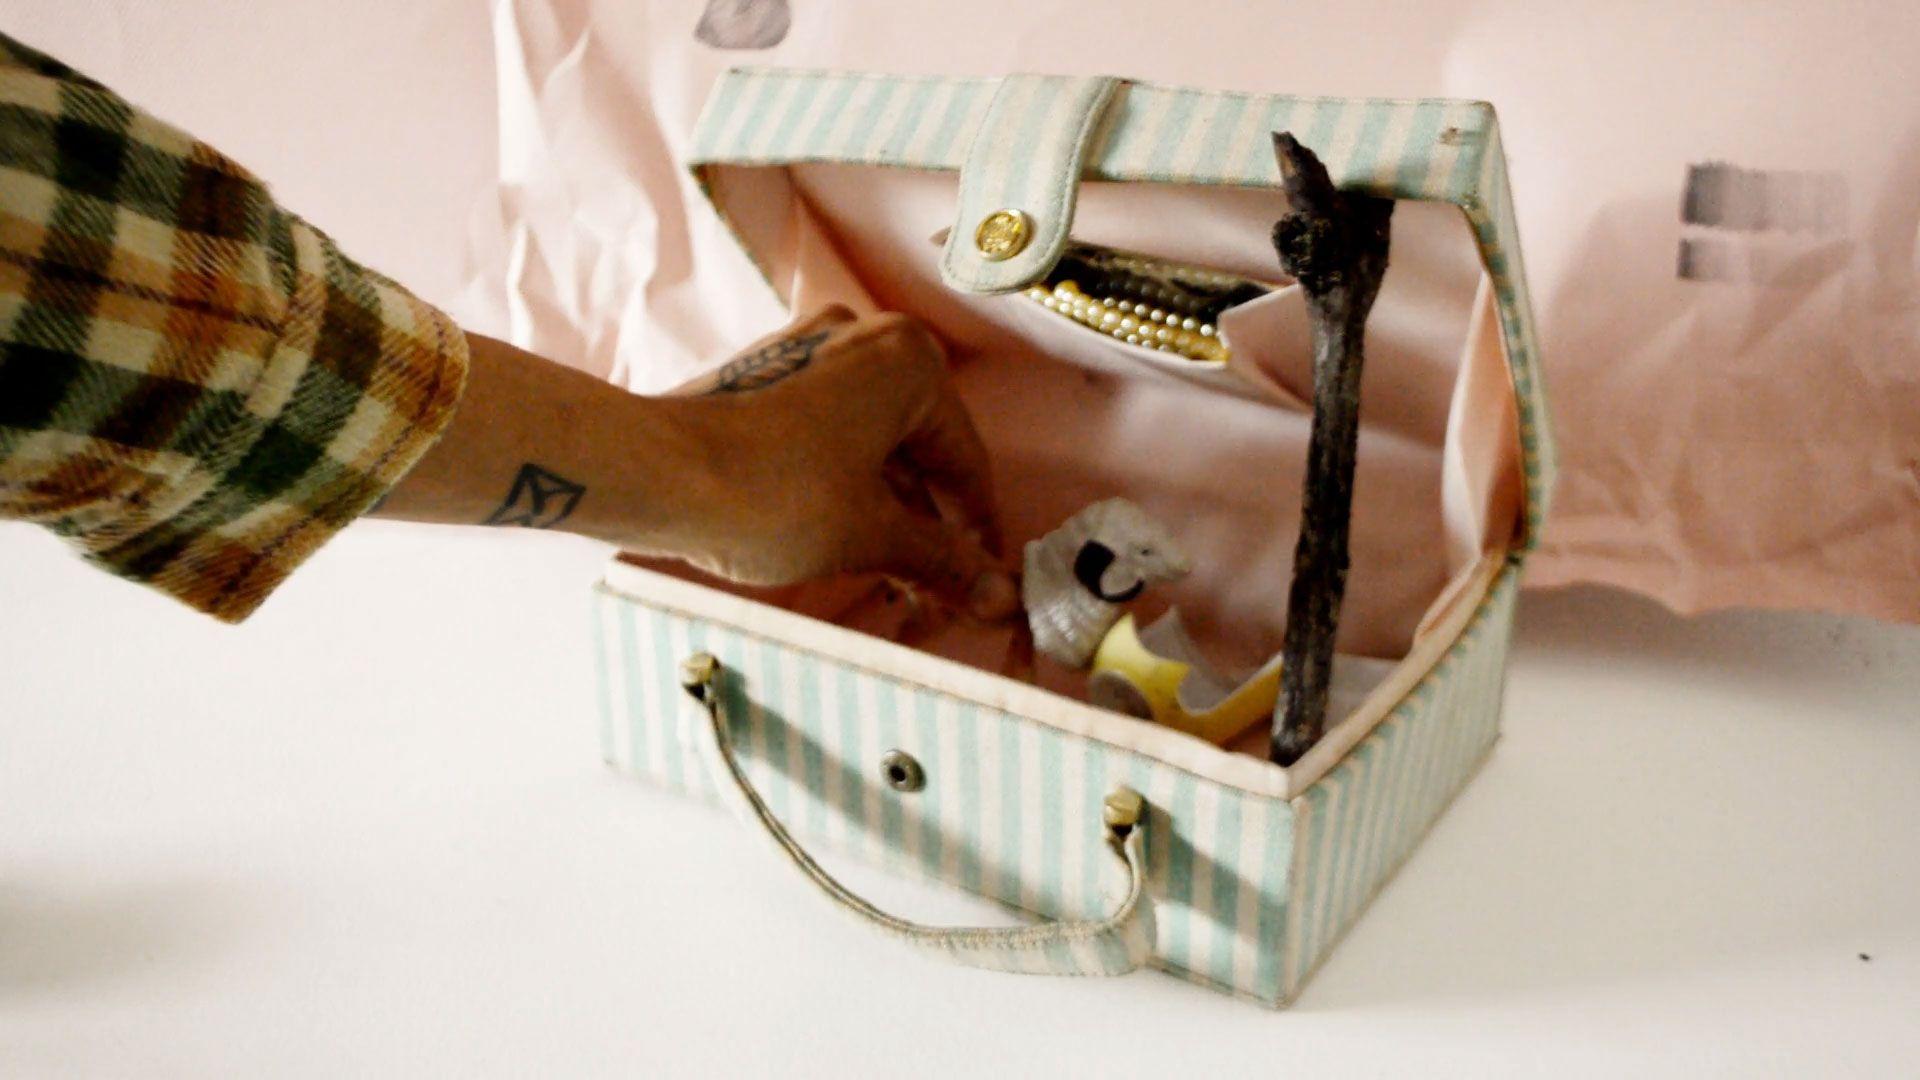 Uma pequena maleta com listras de cor azul claro e branco está posta sobre uma superfície branca, ao fundo um papel cor de rosa claro, durante o vídeo uma voz off narra uma história ao tempo que uma mão aparece inserindo elementos dentro e fora da pequena maleta.